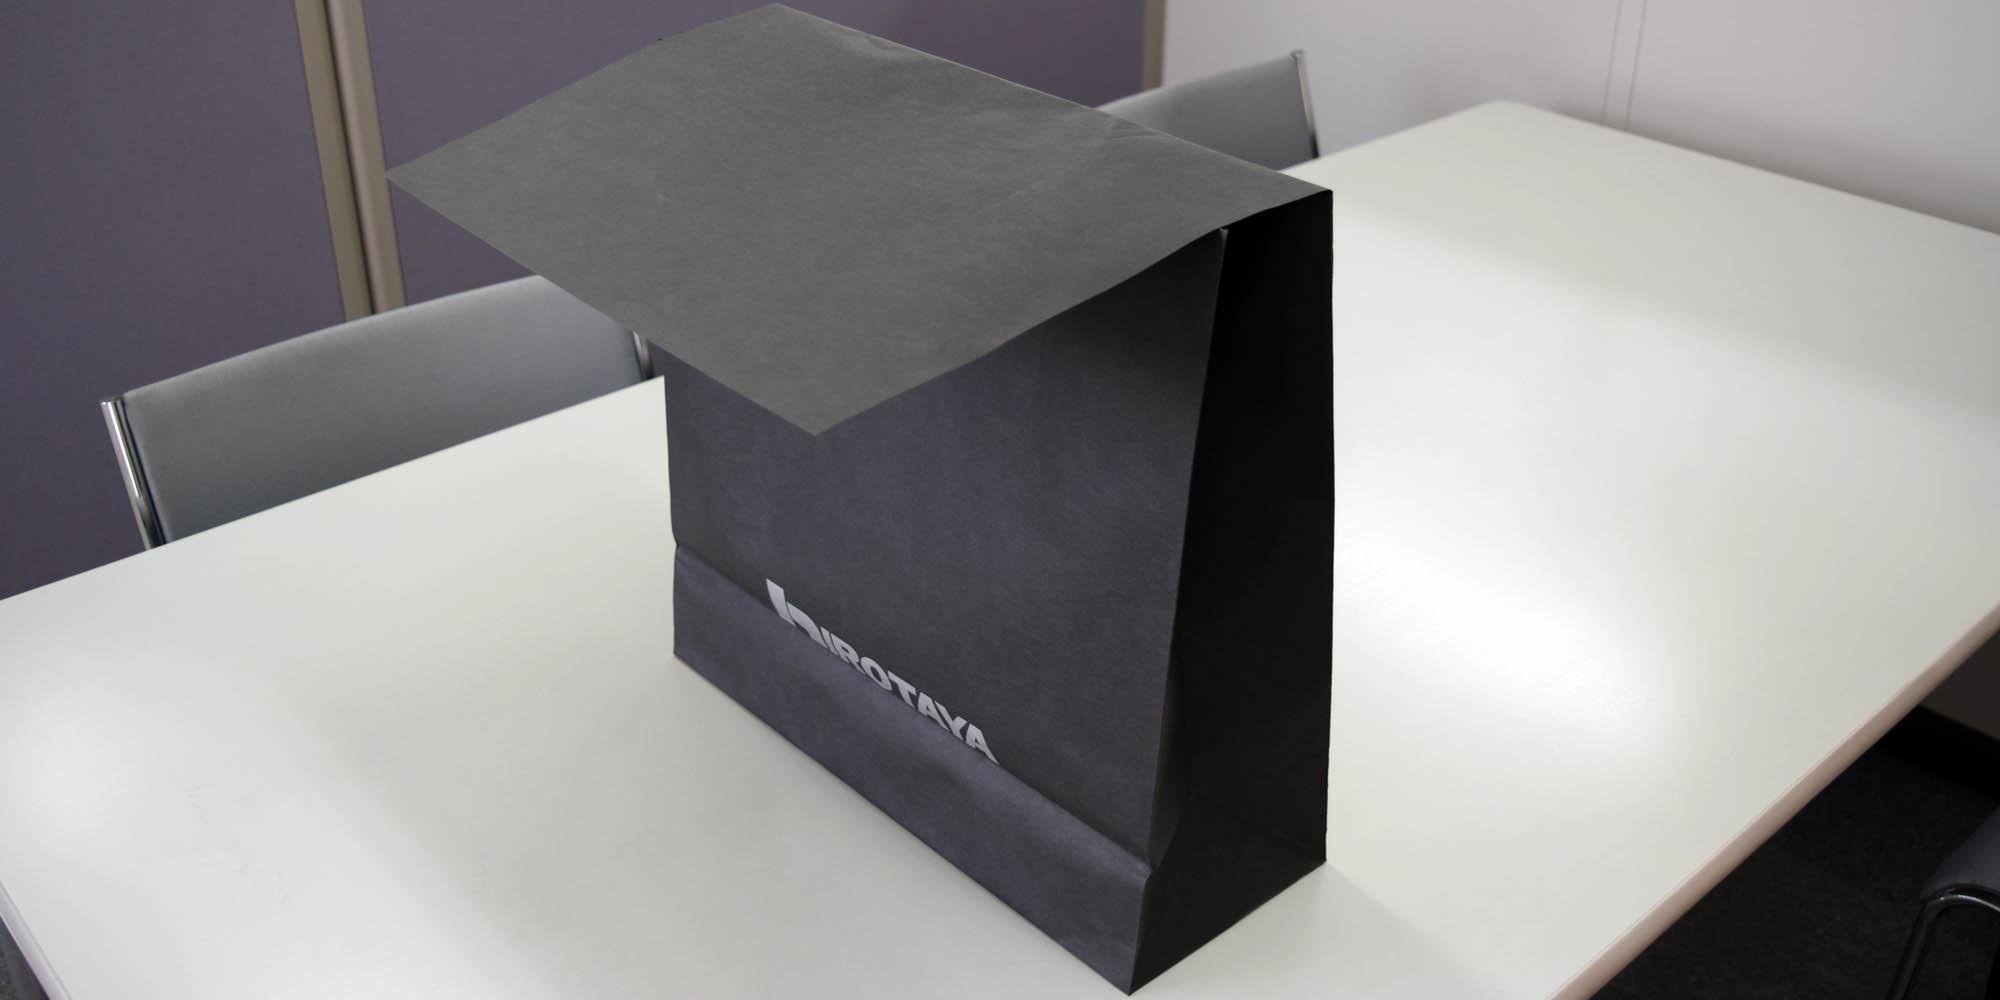 紳士服ショップ向けの大型ギフト用、フタ付き紙袋。コニーラップ紙(黒紙)採用。